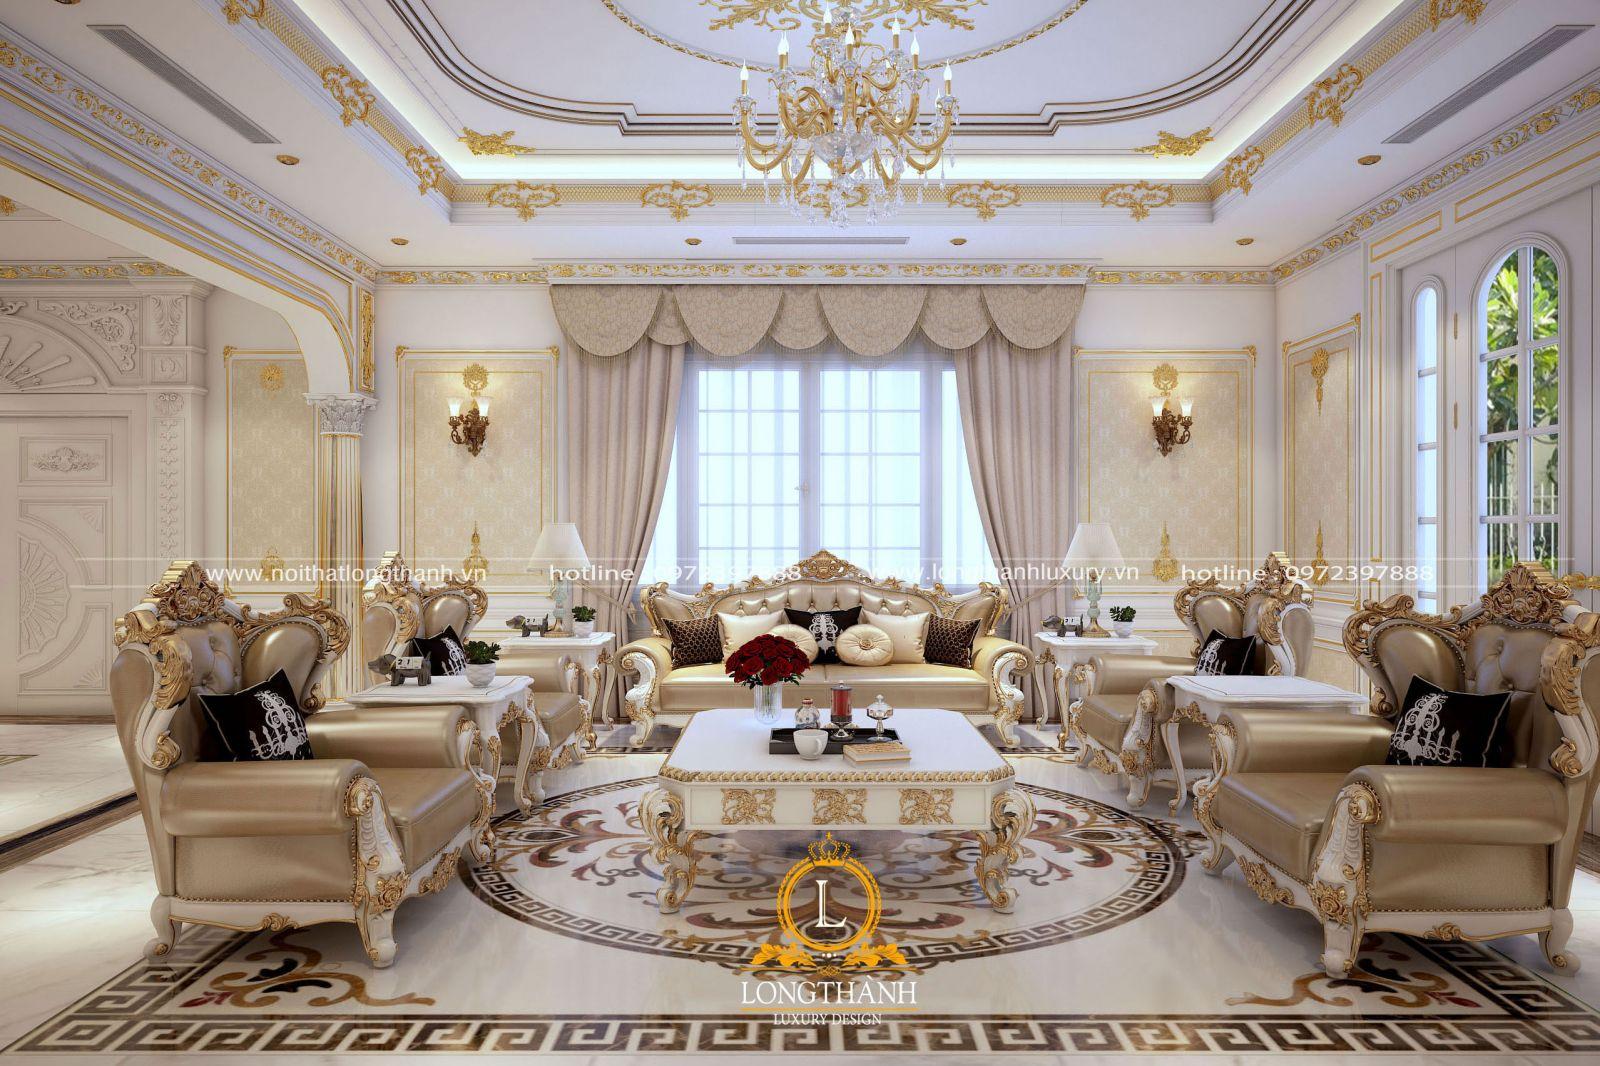 Mẫu sofa mạ vàng